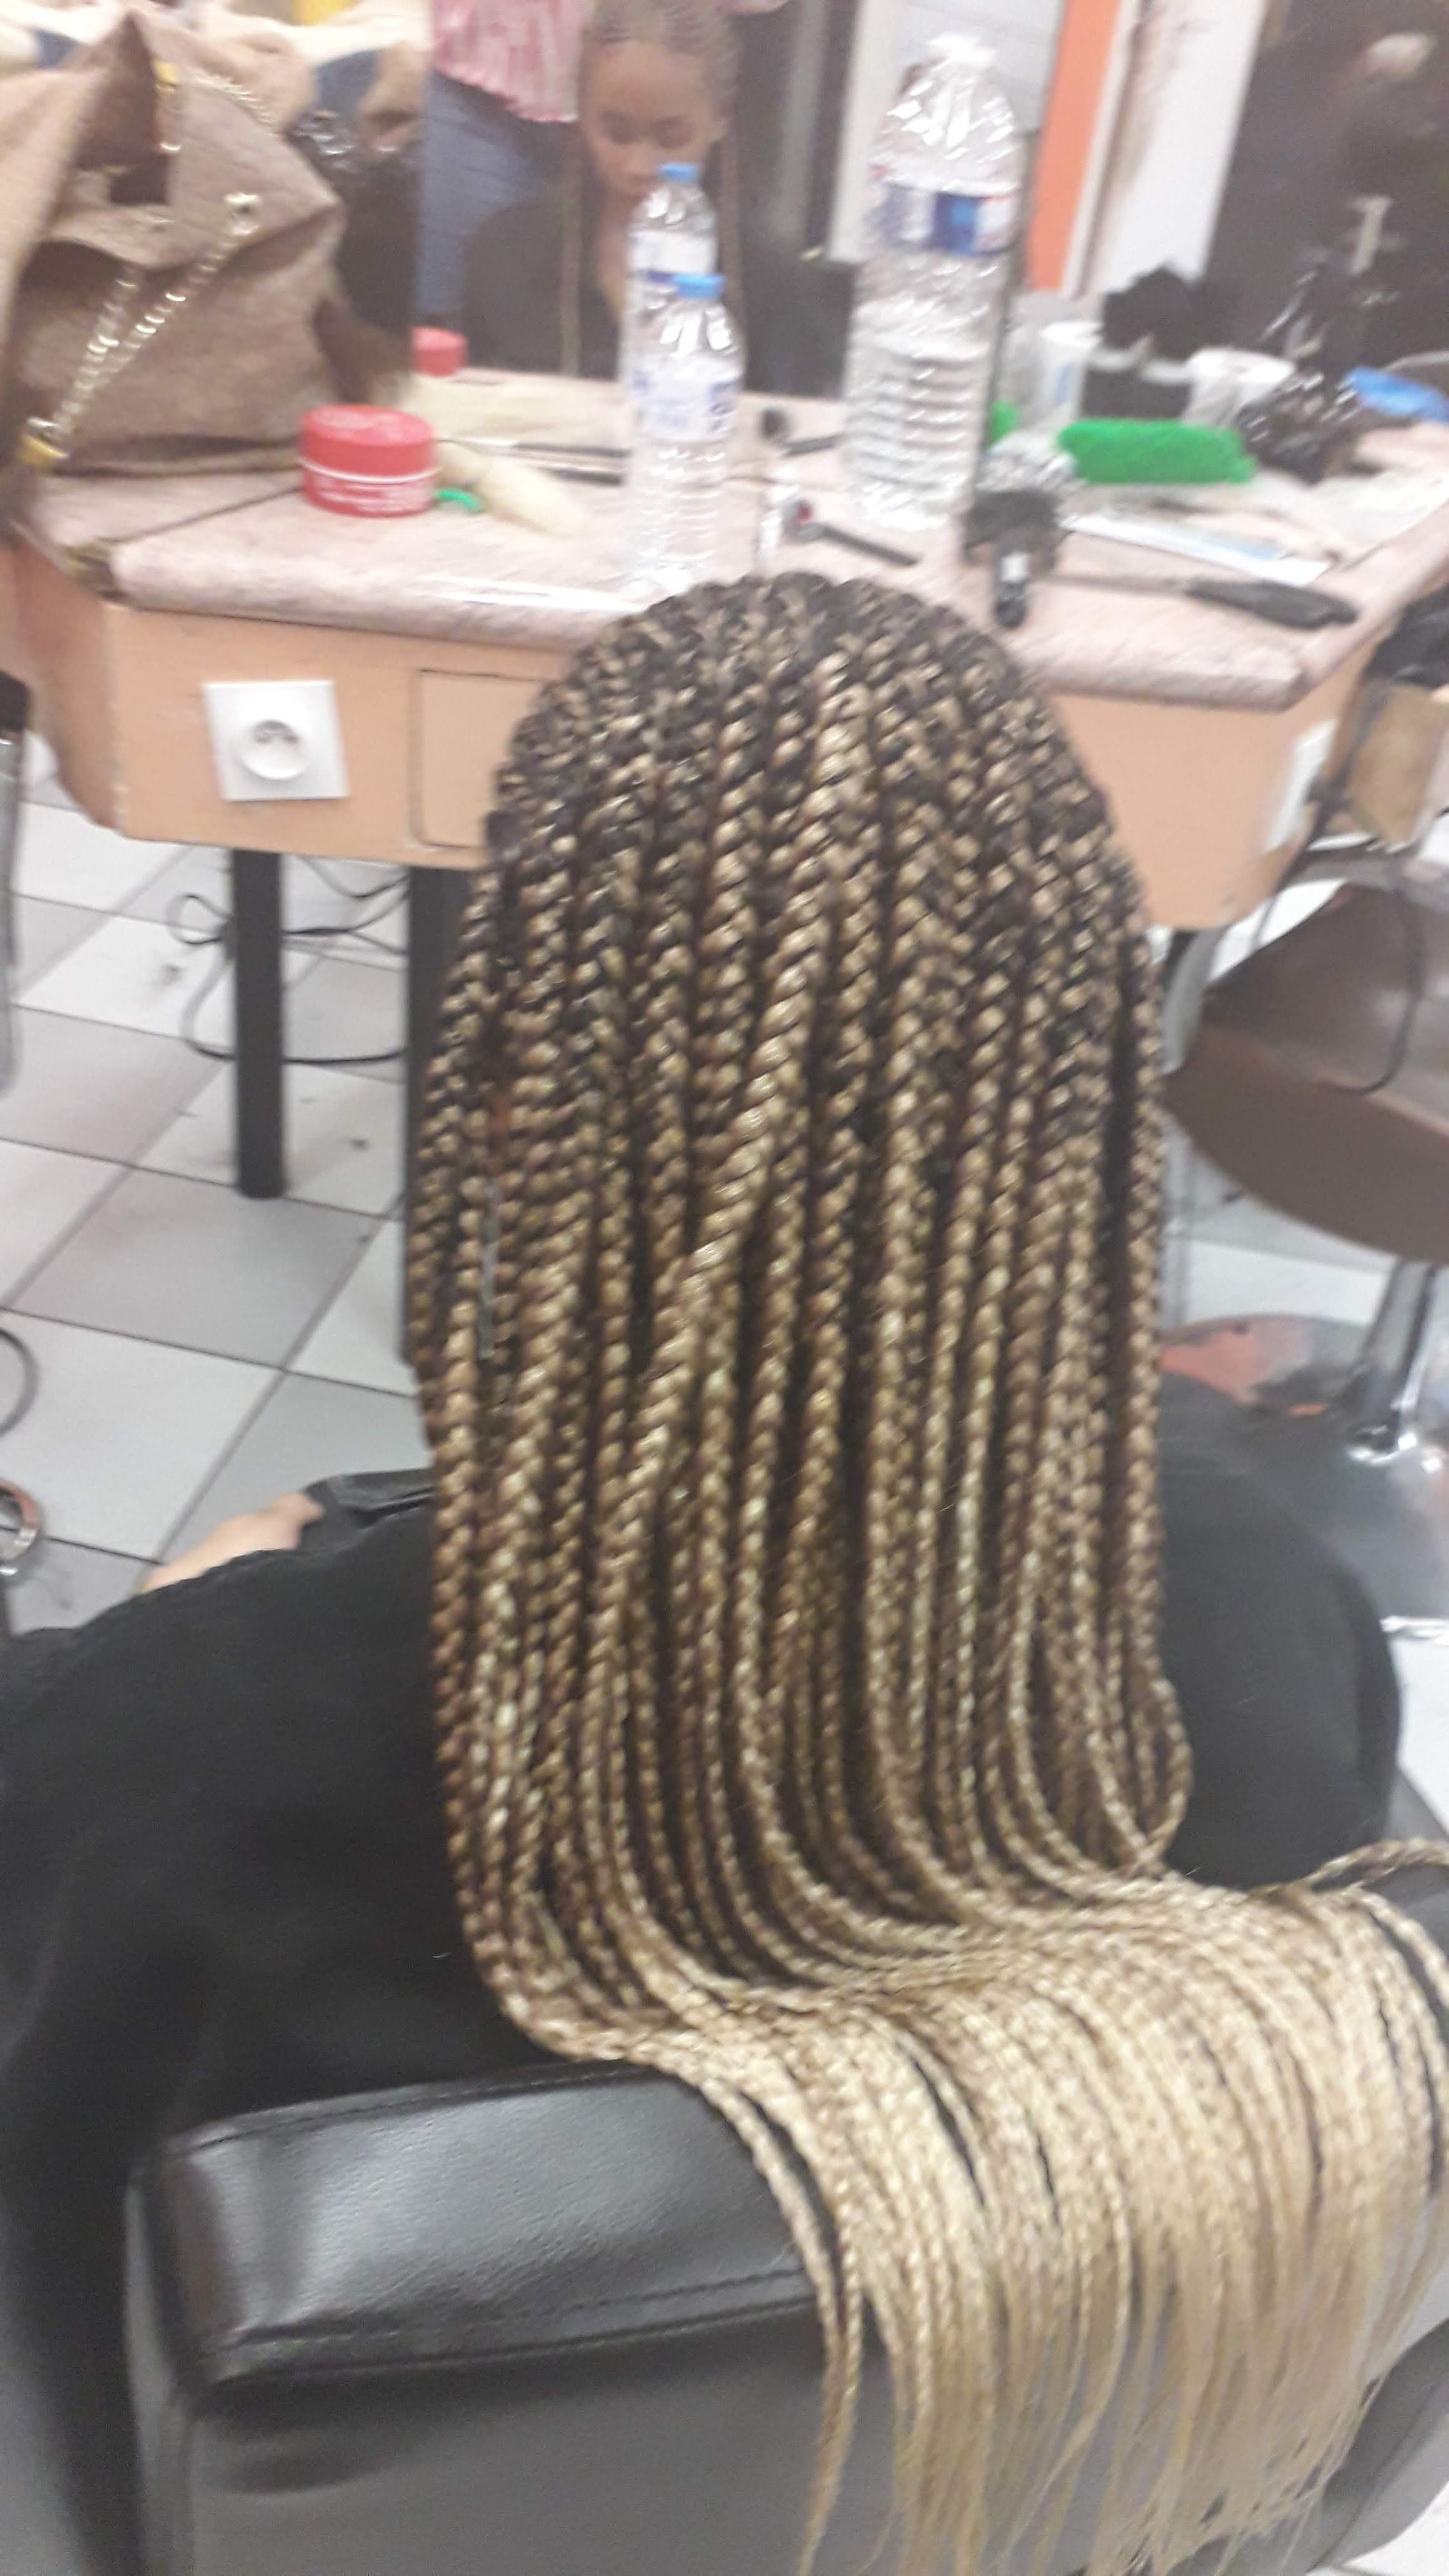 salon de coiffure afro tresse tresses box braids crochet braids vanilles tissages paris 75 77 78 91 92 93 94 95 WGRJCZGA